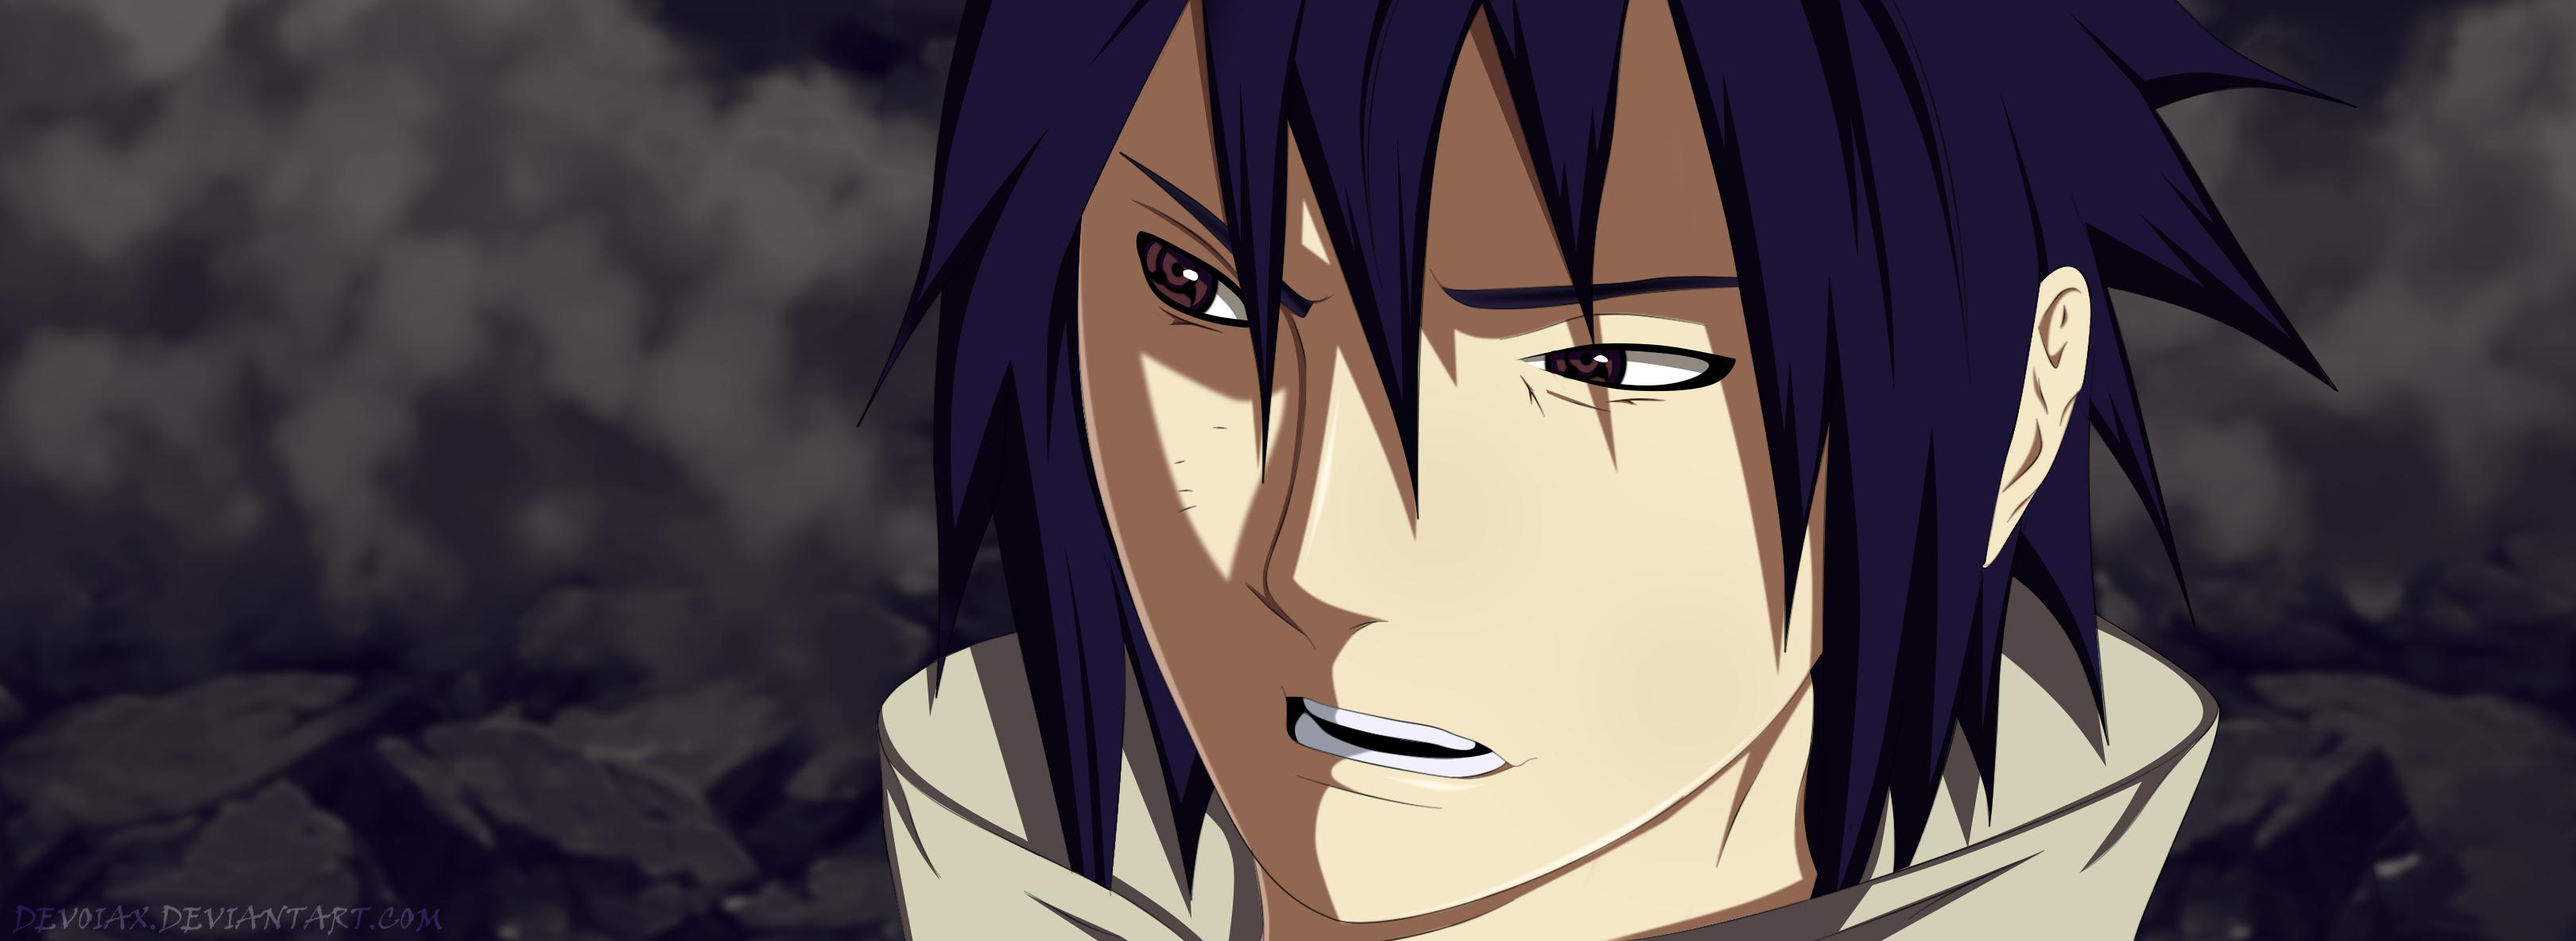 Uchiha Sasuke 644 by Devoiax